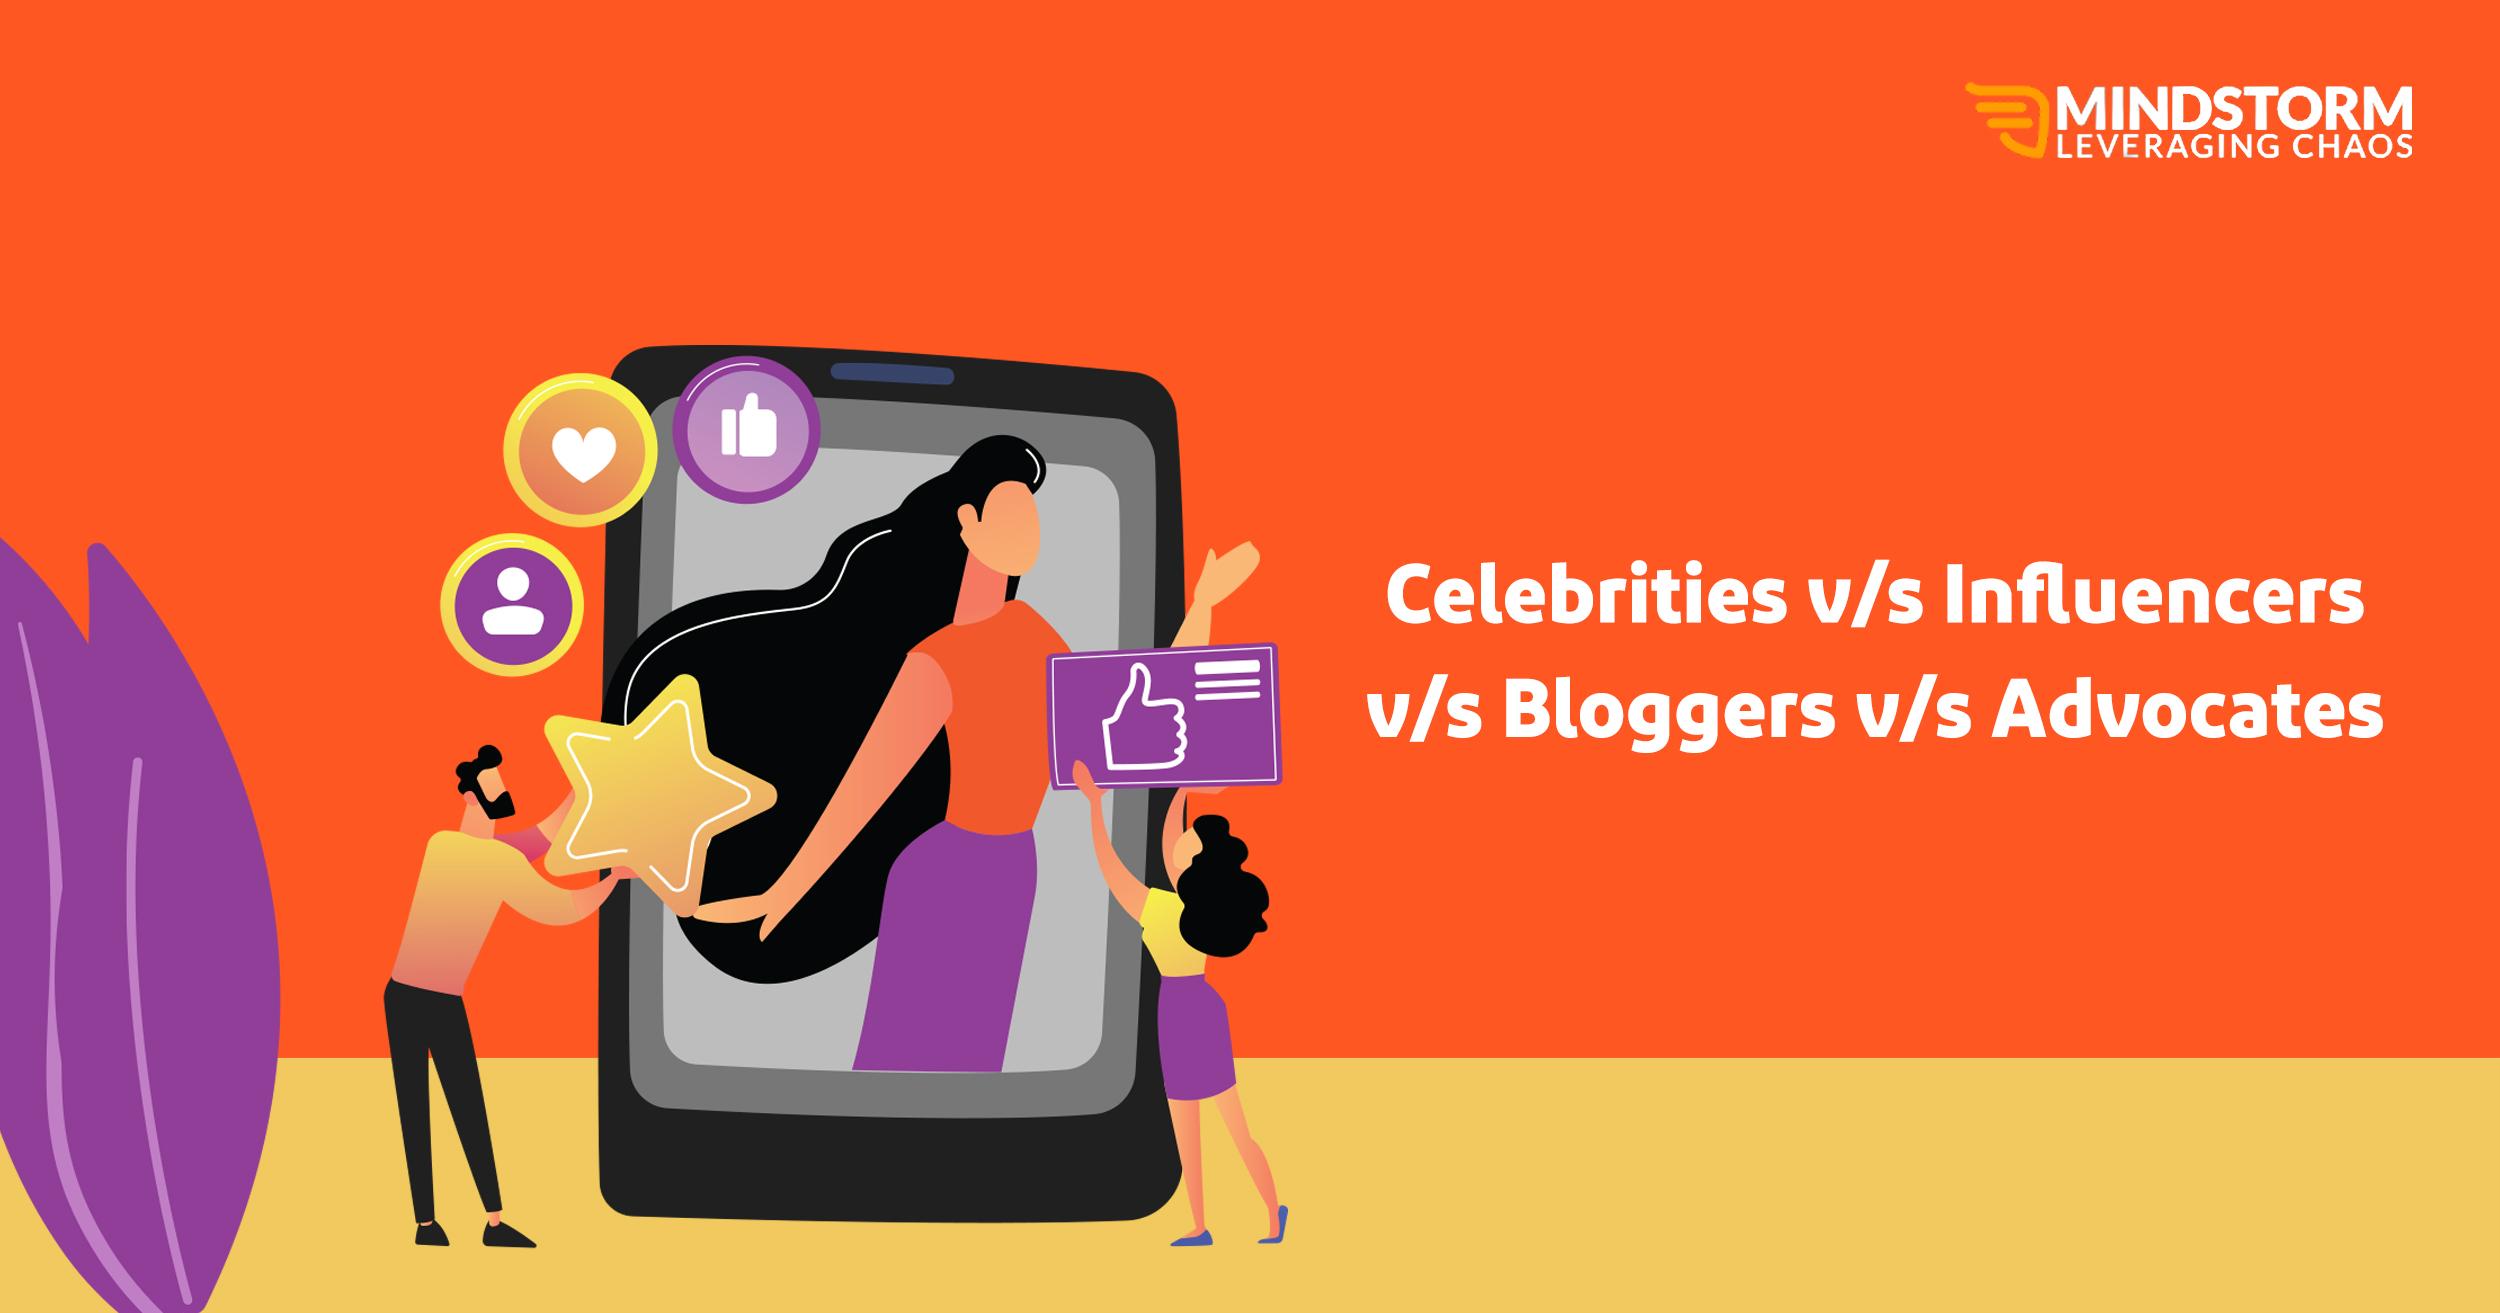 Celebrities v/s Influencers v/s Bloggers v/s Advocates